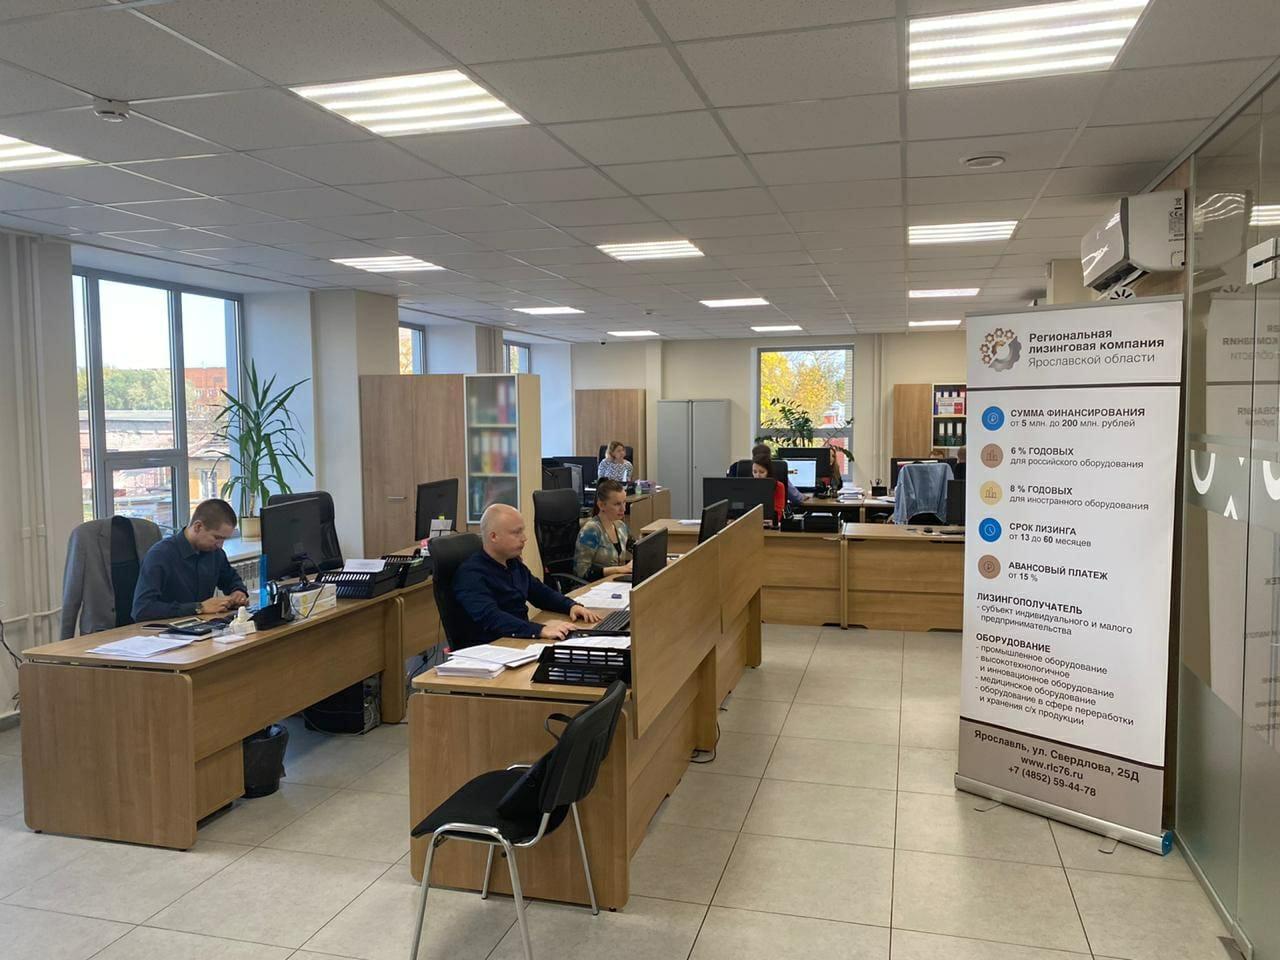 Более трех тысяч ярославских предпринимателей получили поддержку с помощью центра «Мой бизнес»